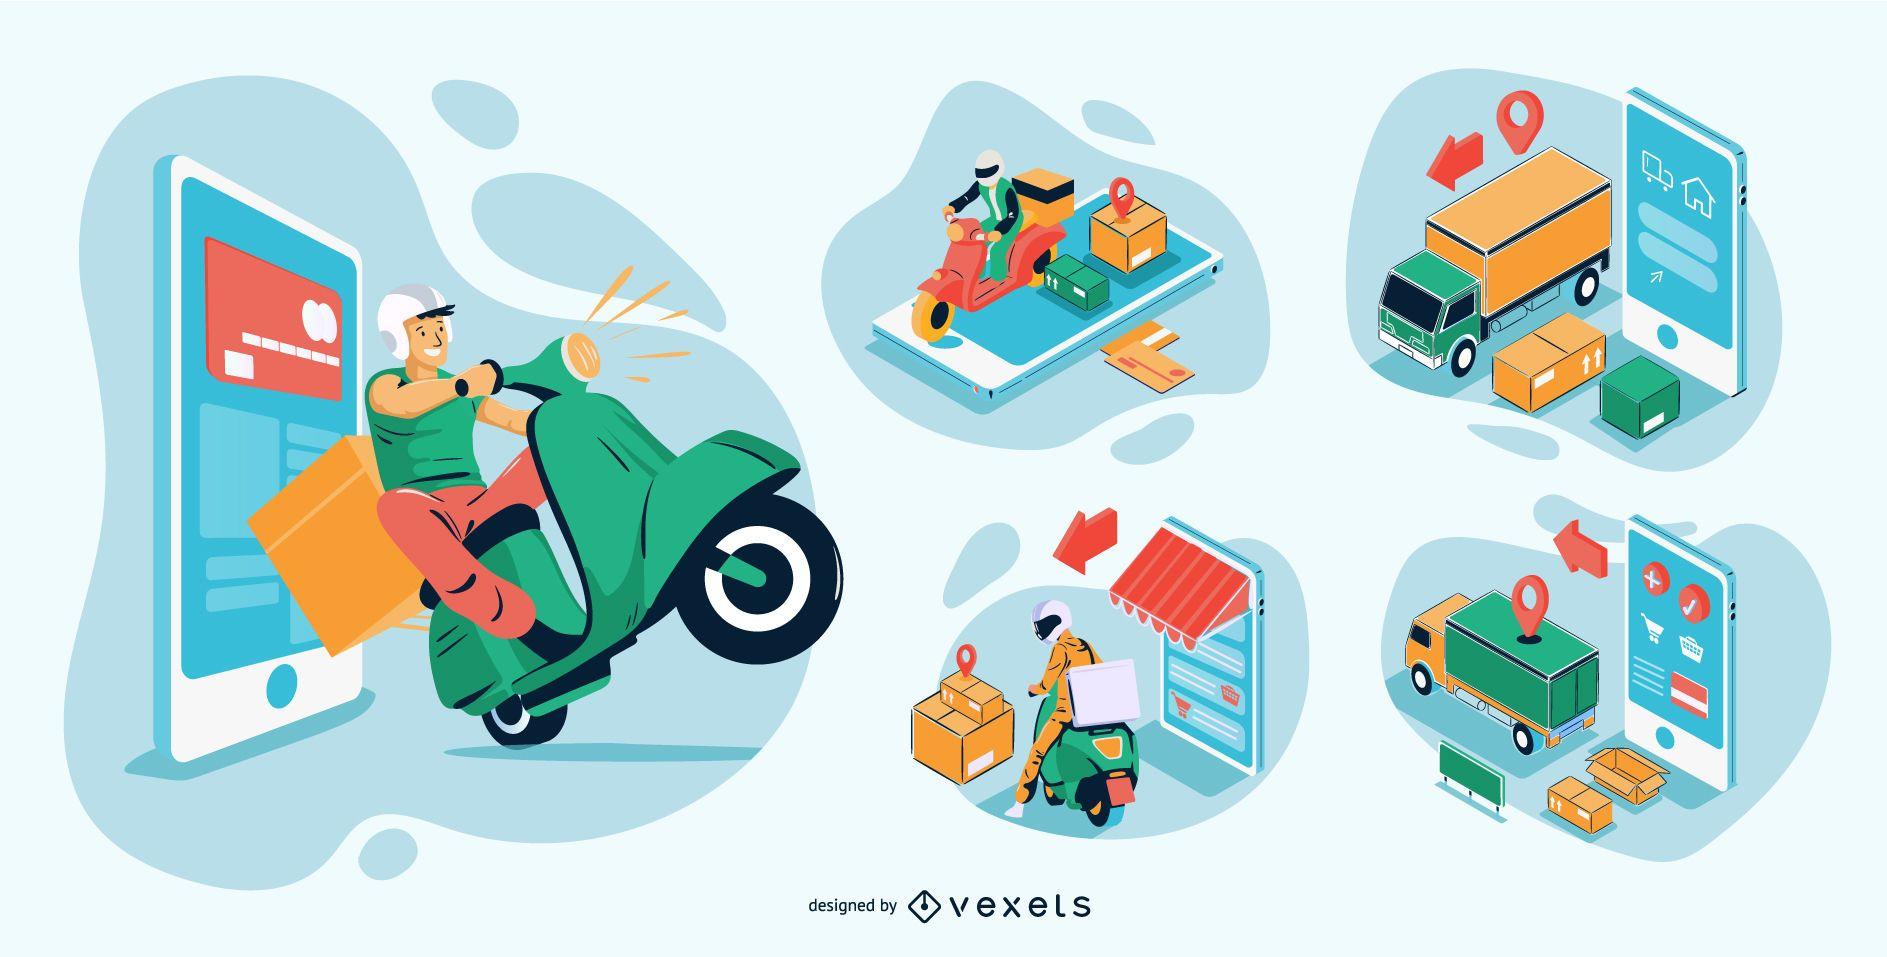 Paquete de ilustraciones isométricas de compras en línea